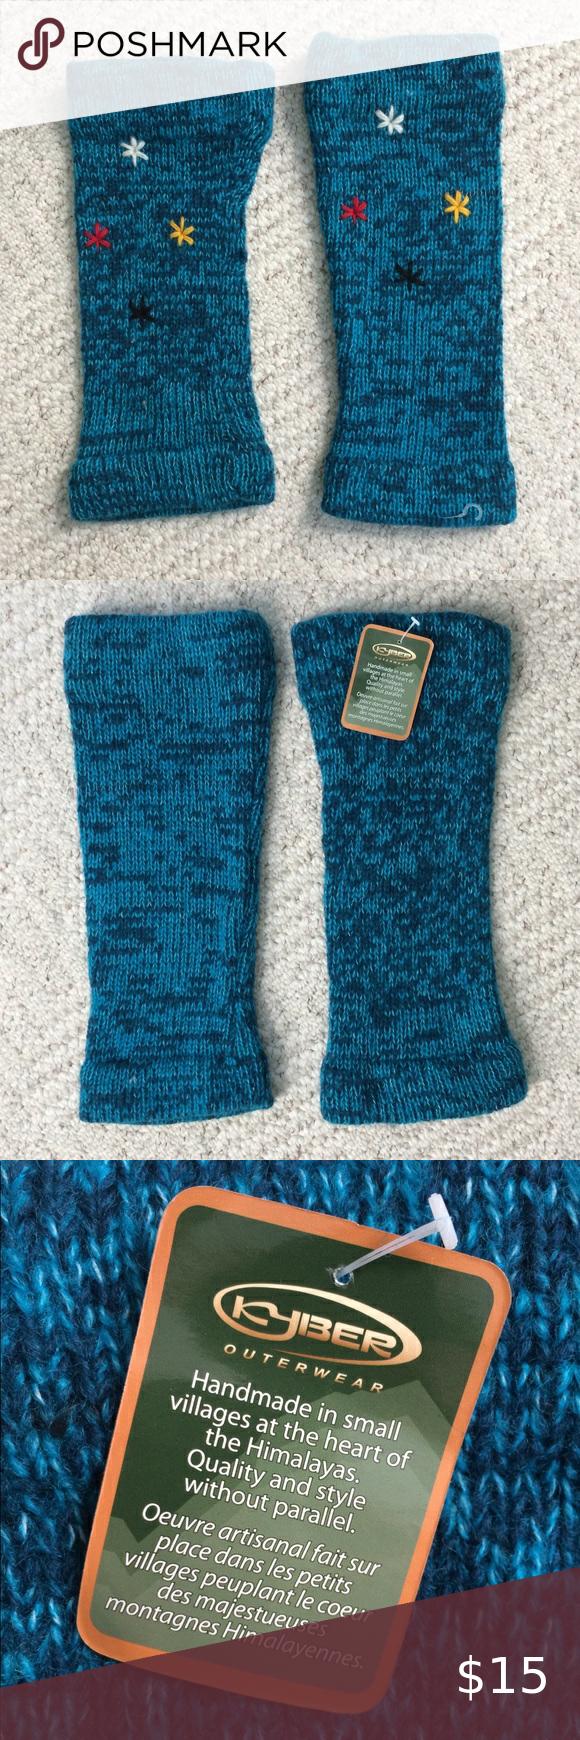 Kyber Wool Leg Warmers Unisex Wool Leg Warmers Knit Leg Warmers Unisex [ 1740 x 580 Pixel ]